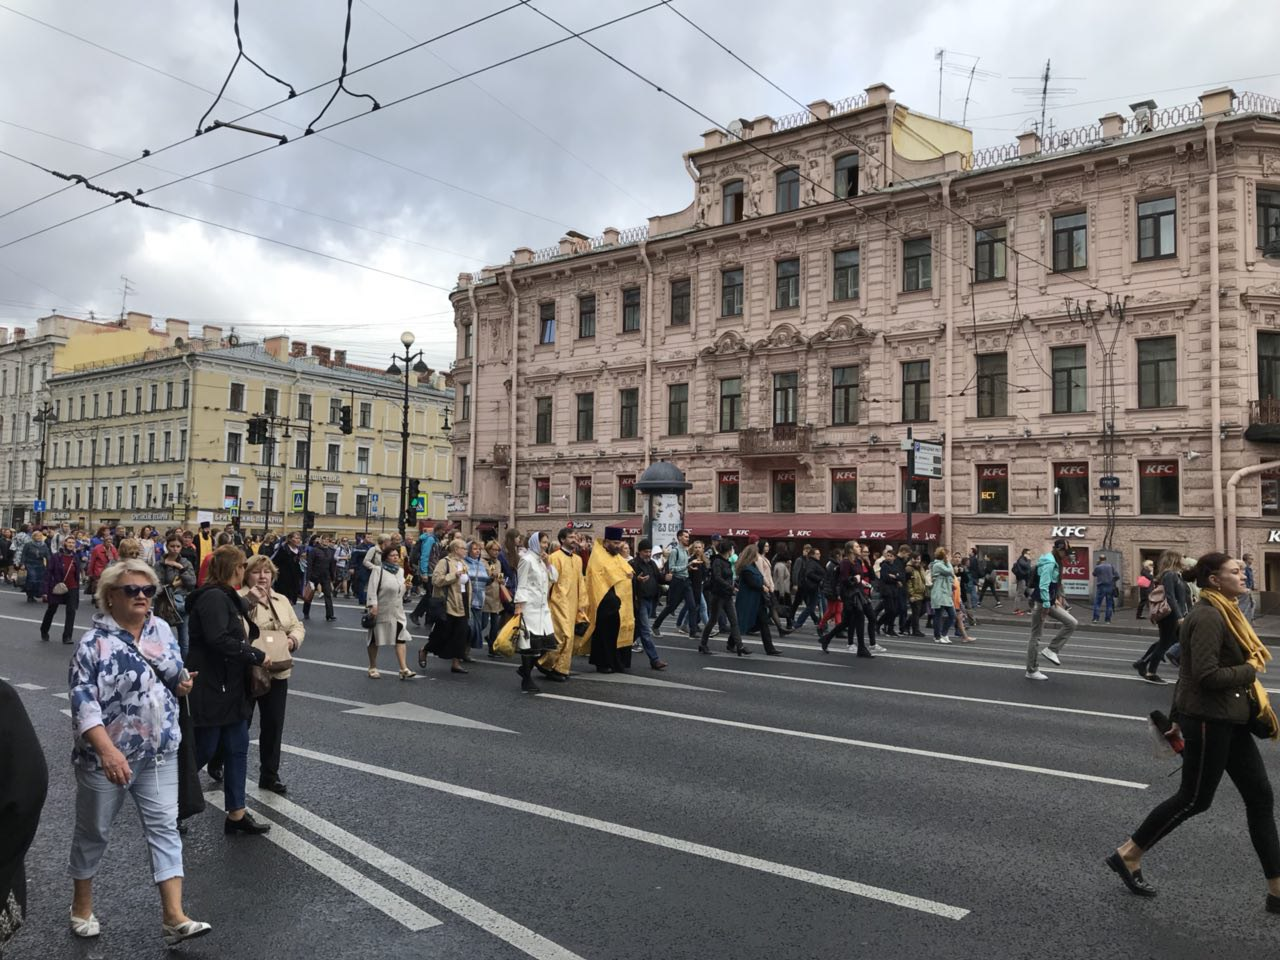 На крестный ход по Невскому проспекту пришли 110 тысяч человек, заявили в митрополии. В шествии участвовал Милонов